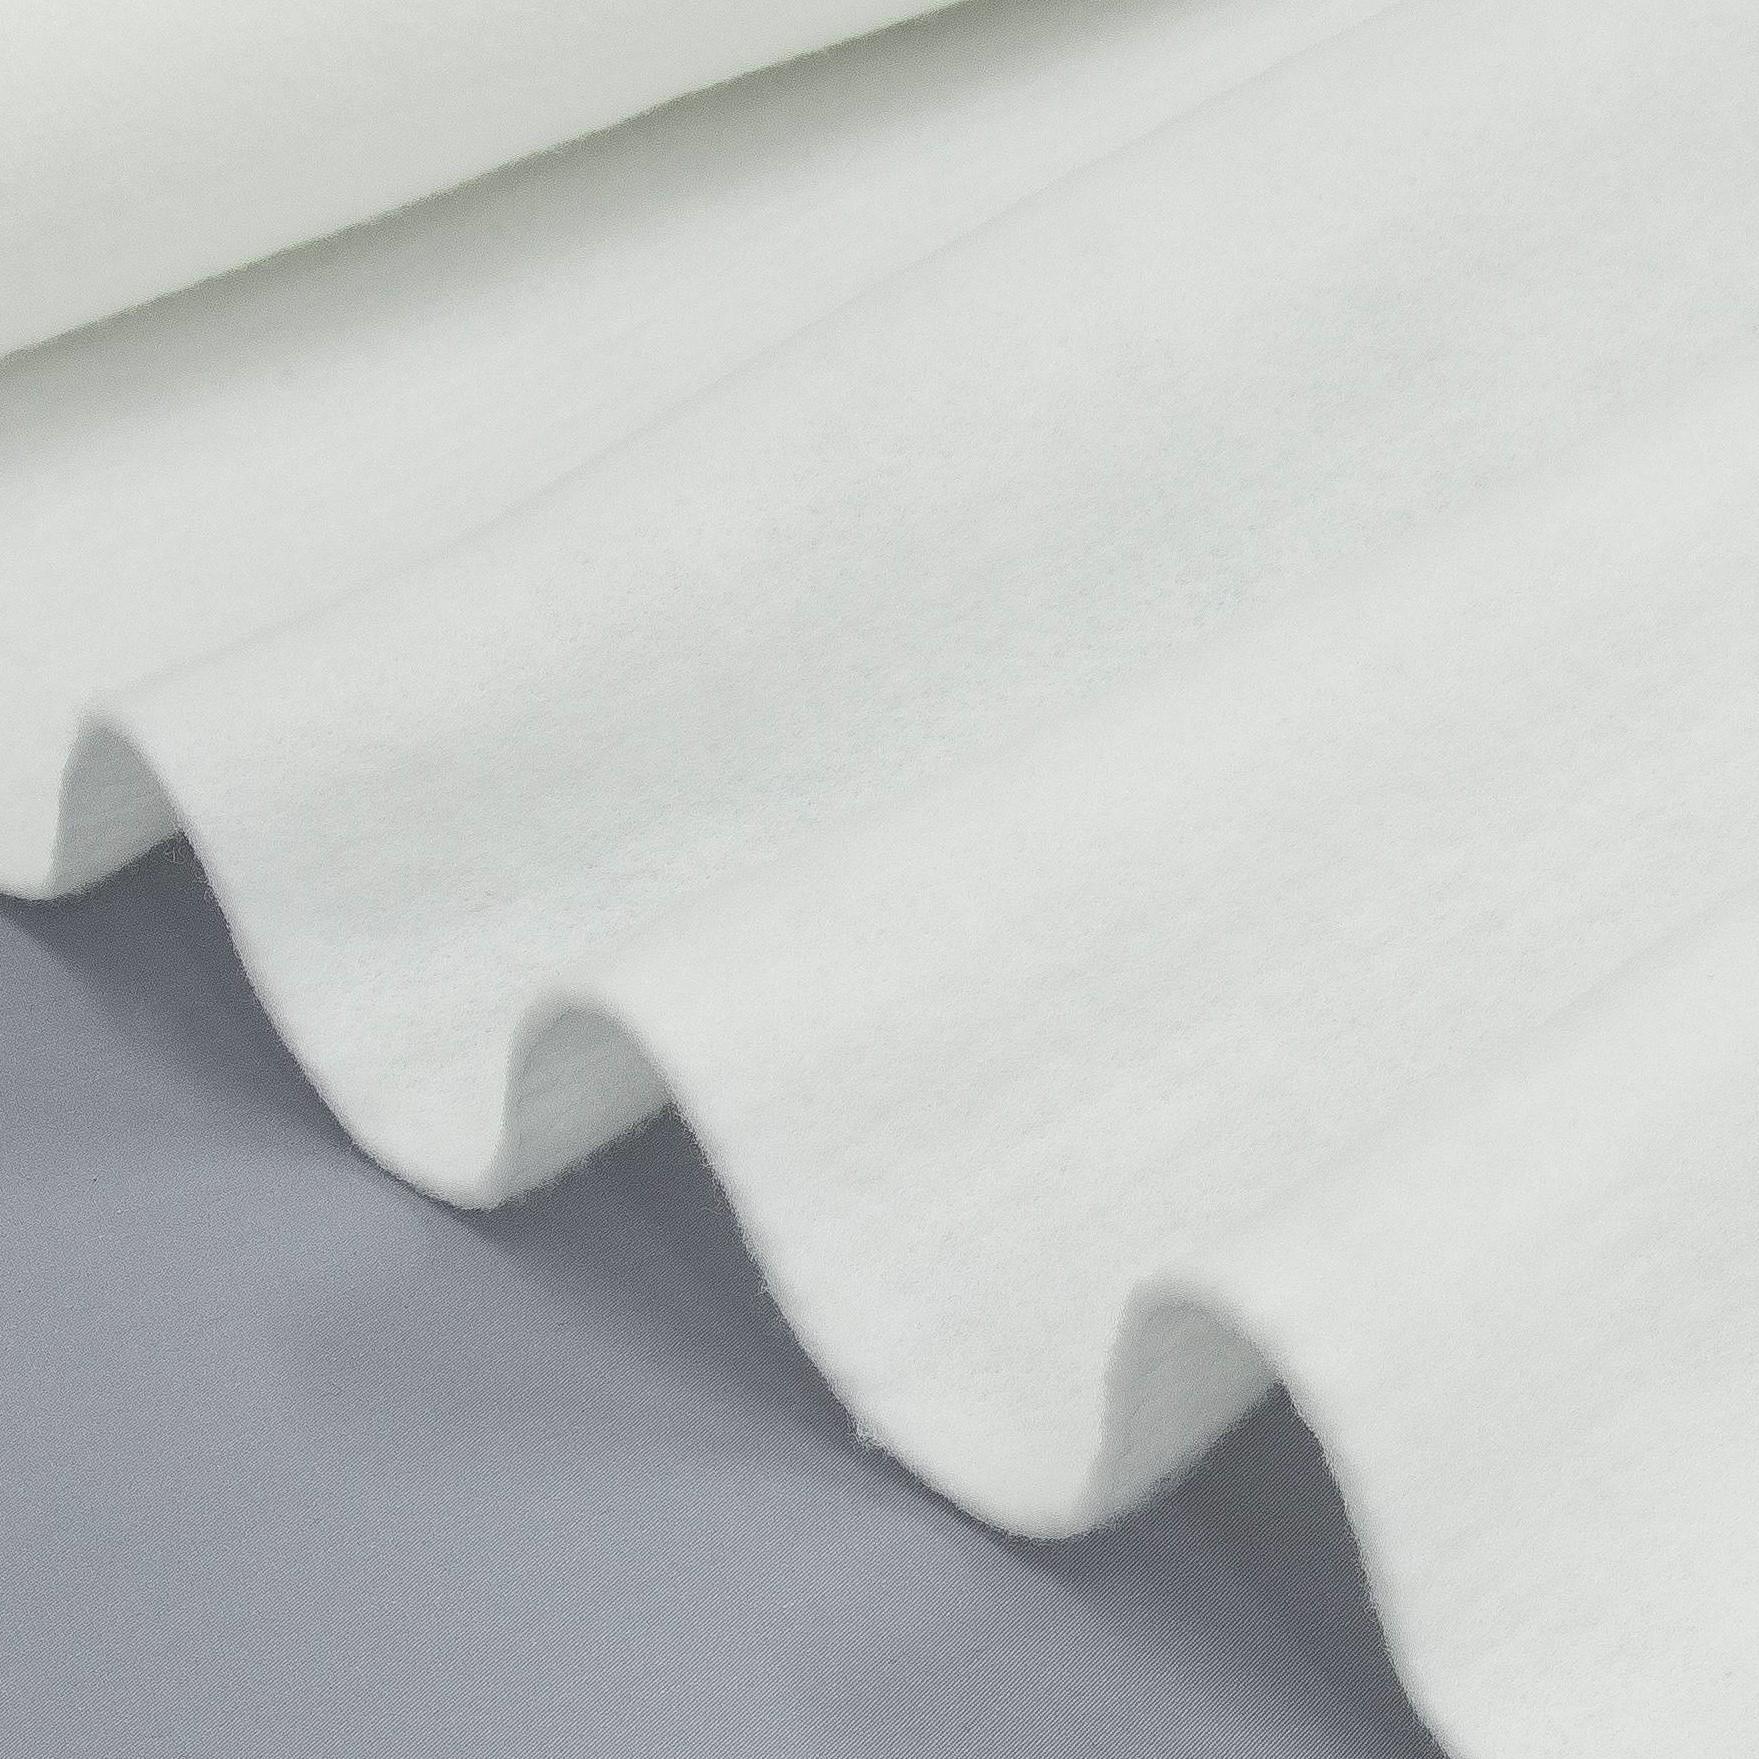 Утеплитель белый, плотность 200, нетканое полотно, 50х50 см